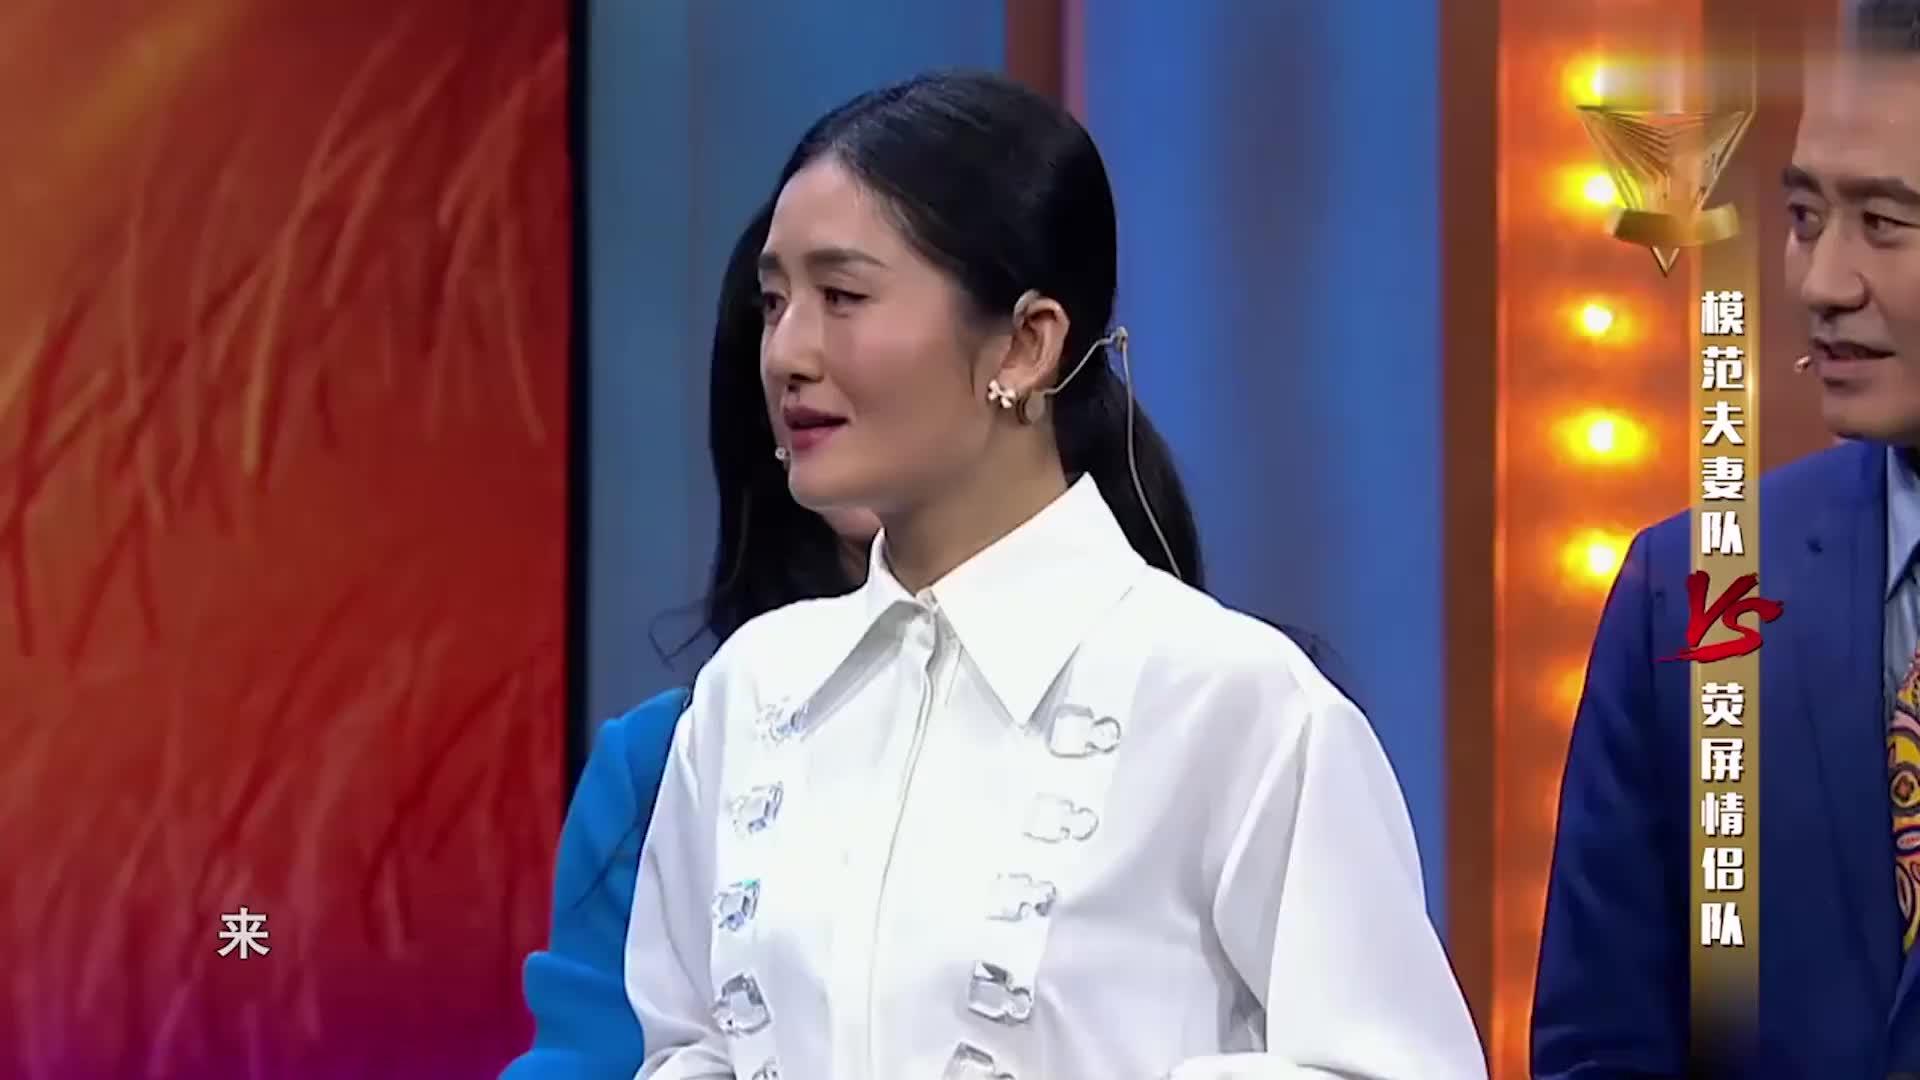 王祖蓝、谢娜比赛泼水,主持人却无辜被泼,全场笑喷了!